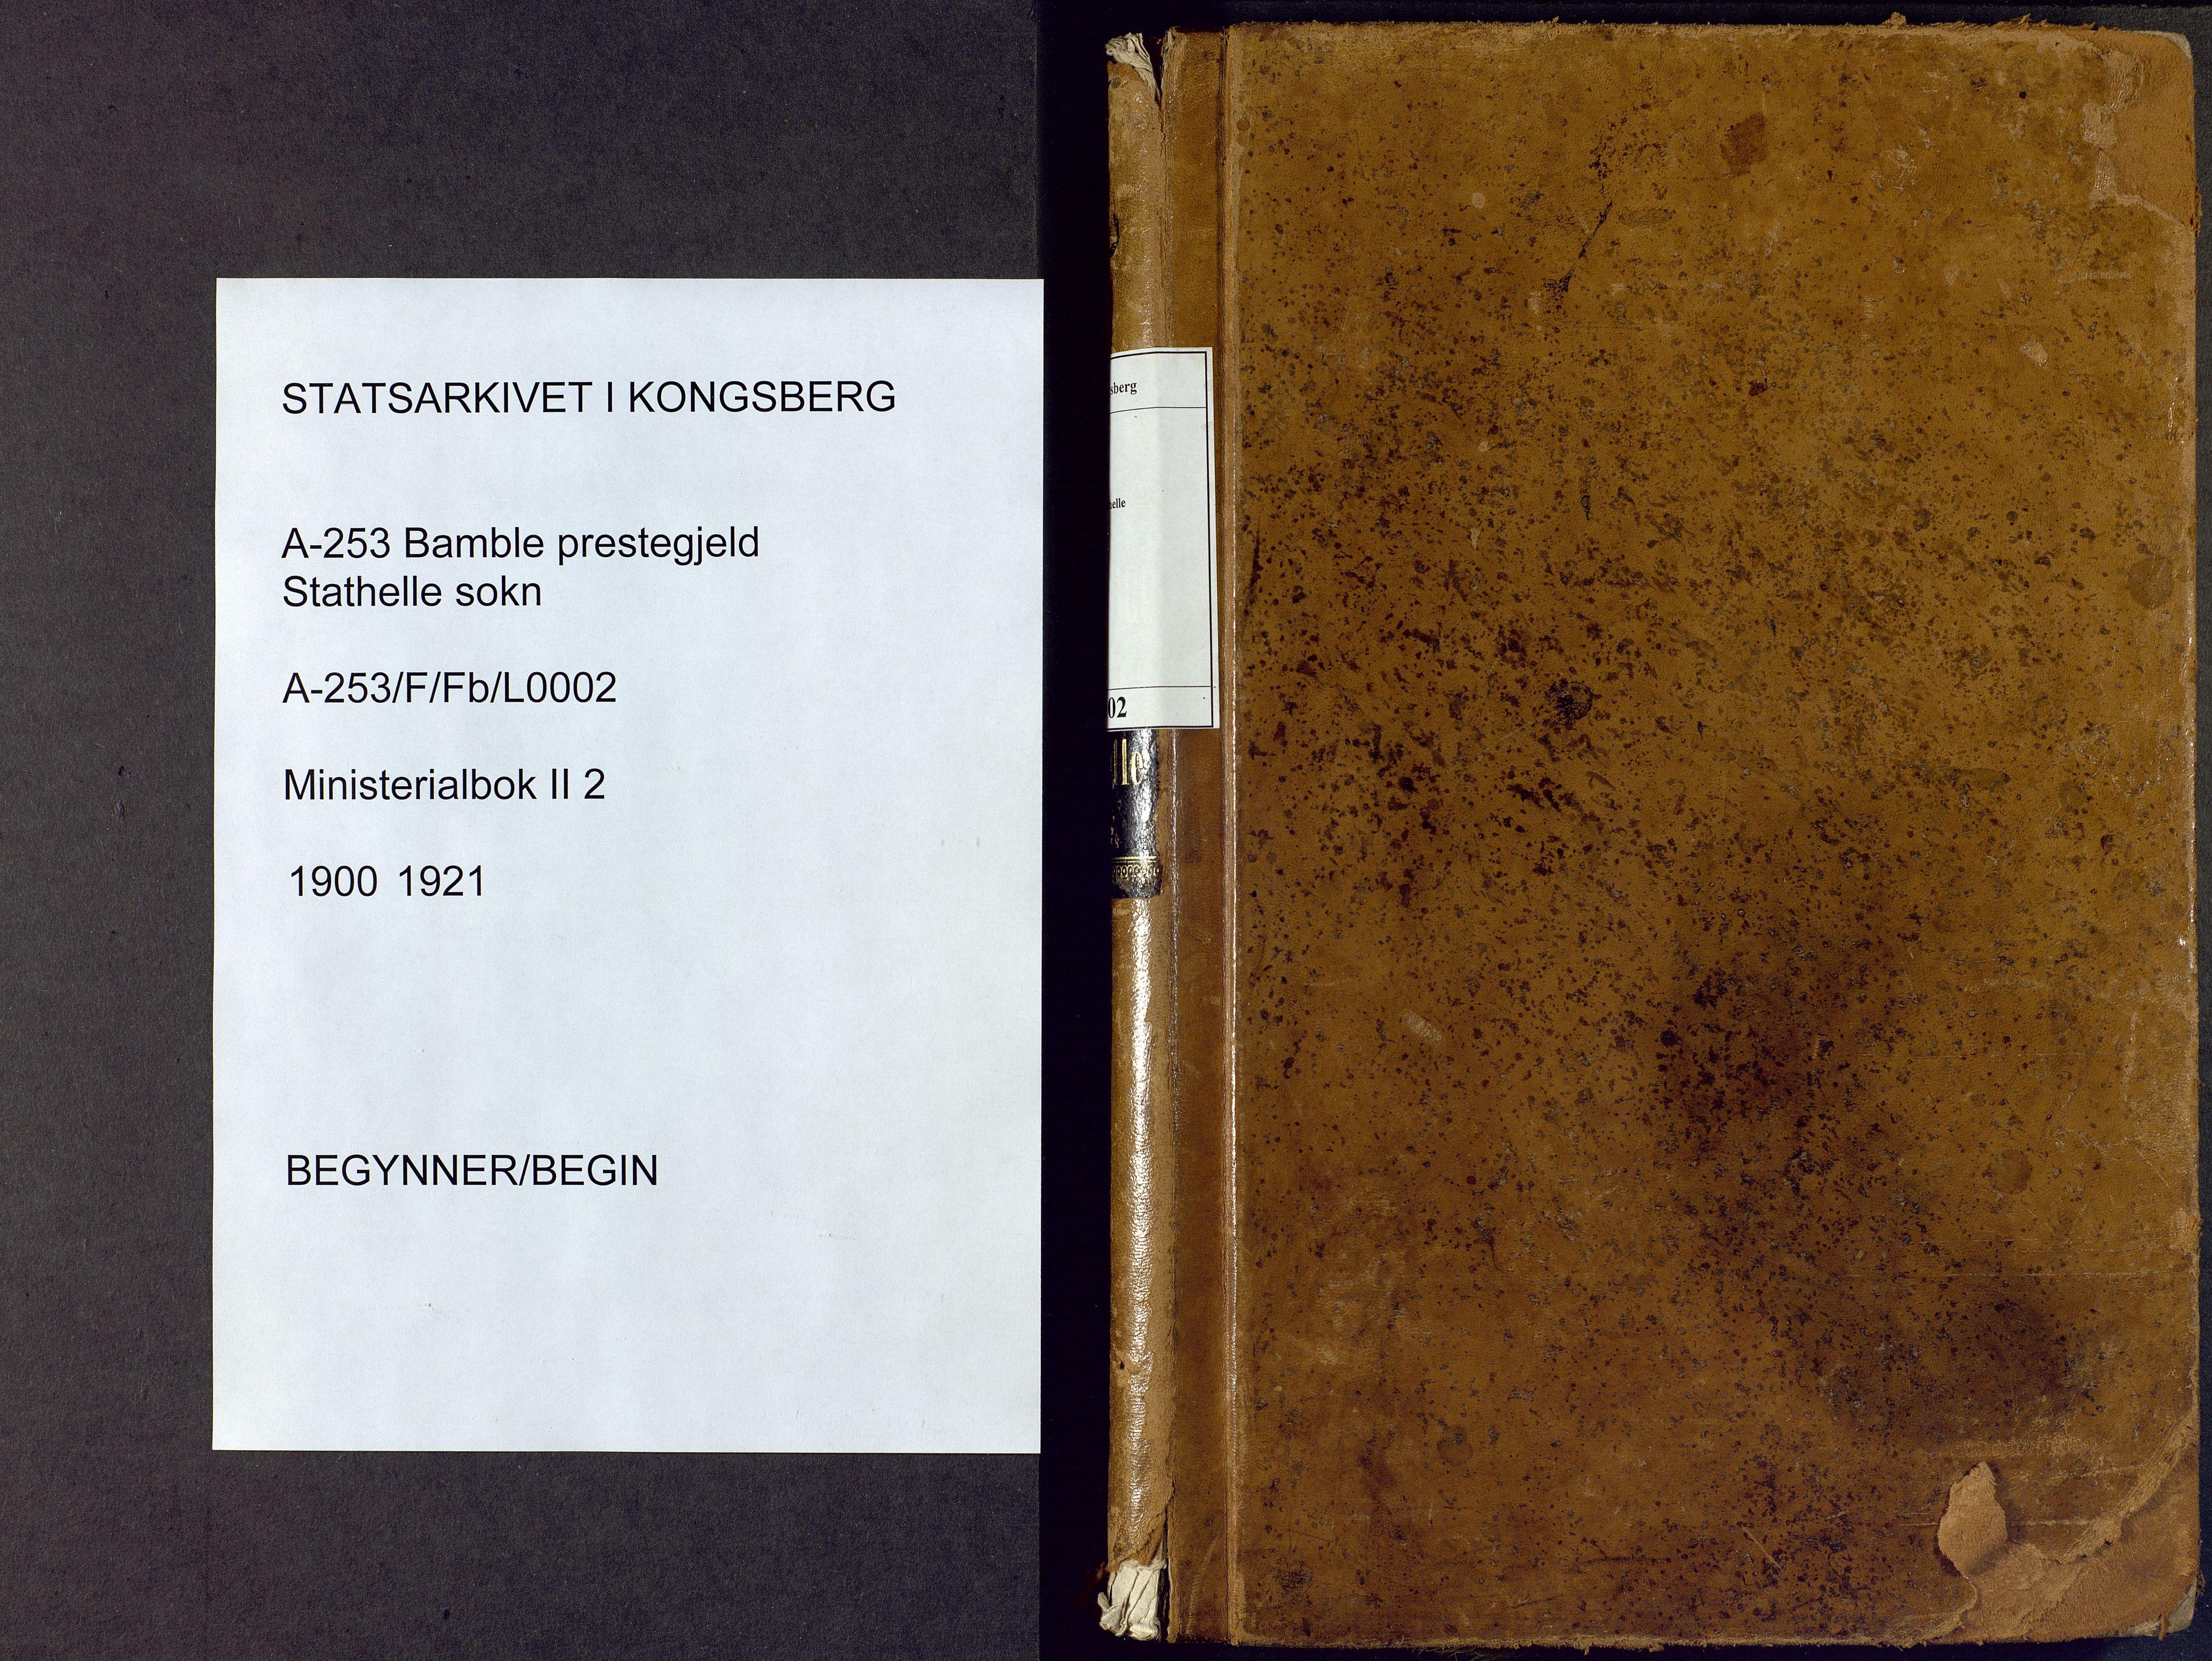 SAKO, Bamble kirkebøker, F/Fb/L0002: Ministerialbok nr. II 2, 1900-1921